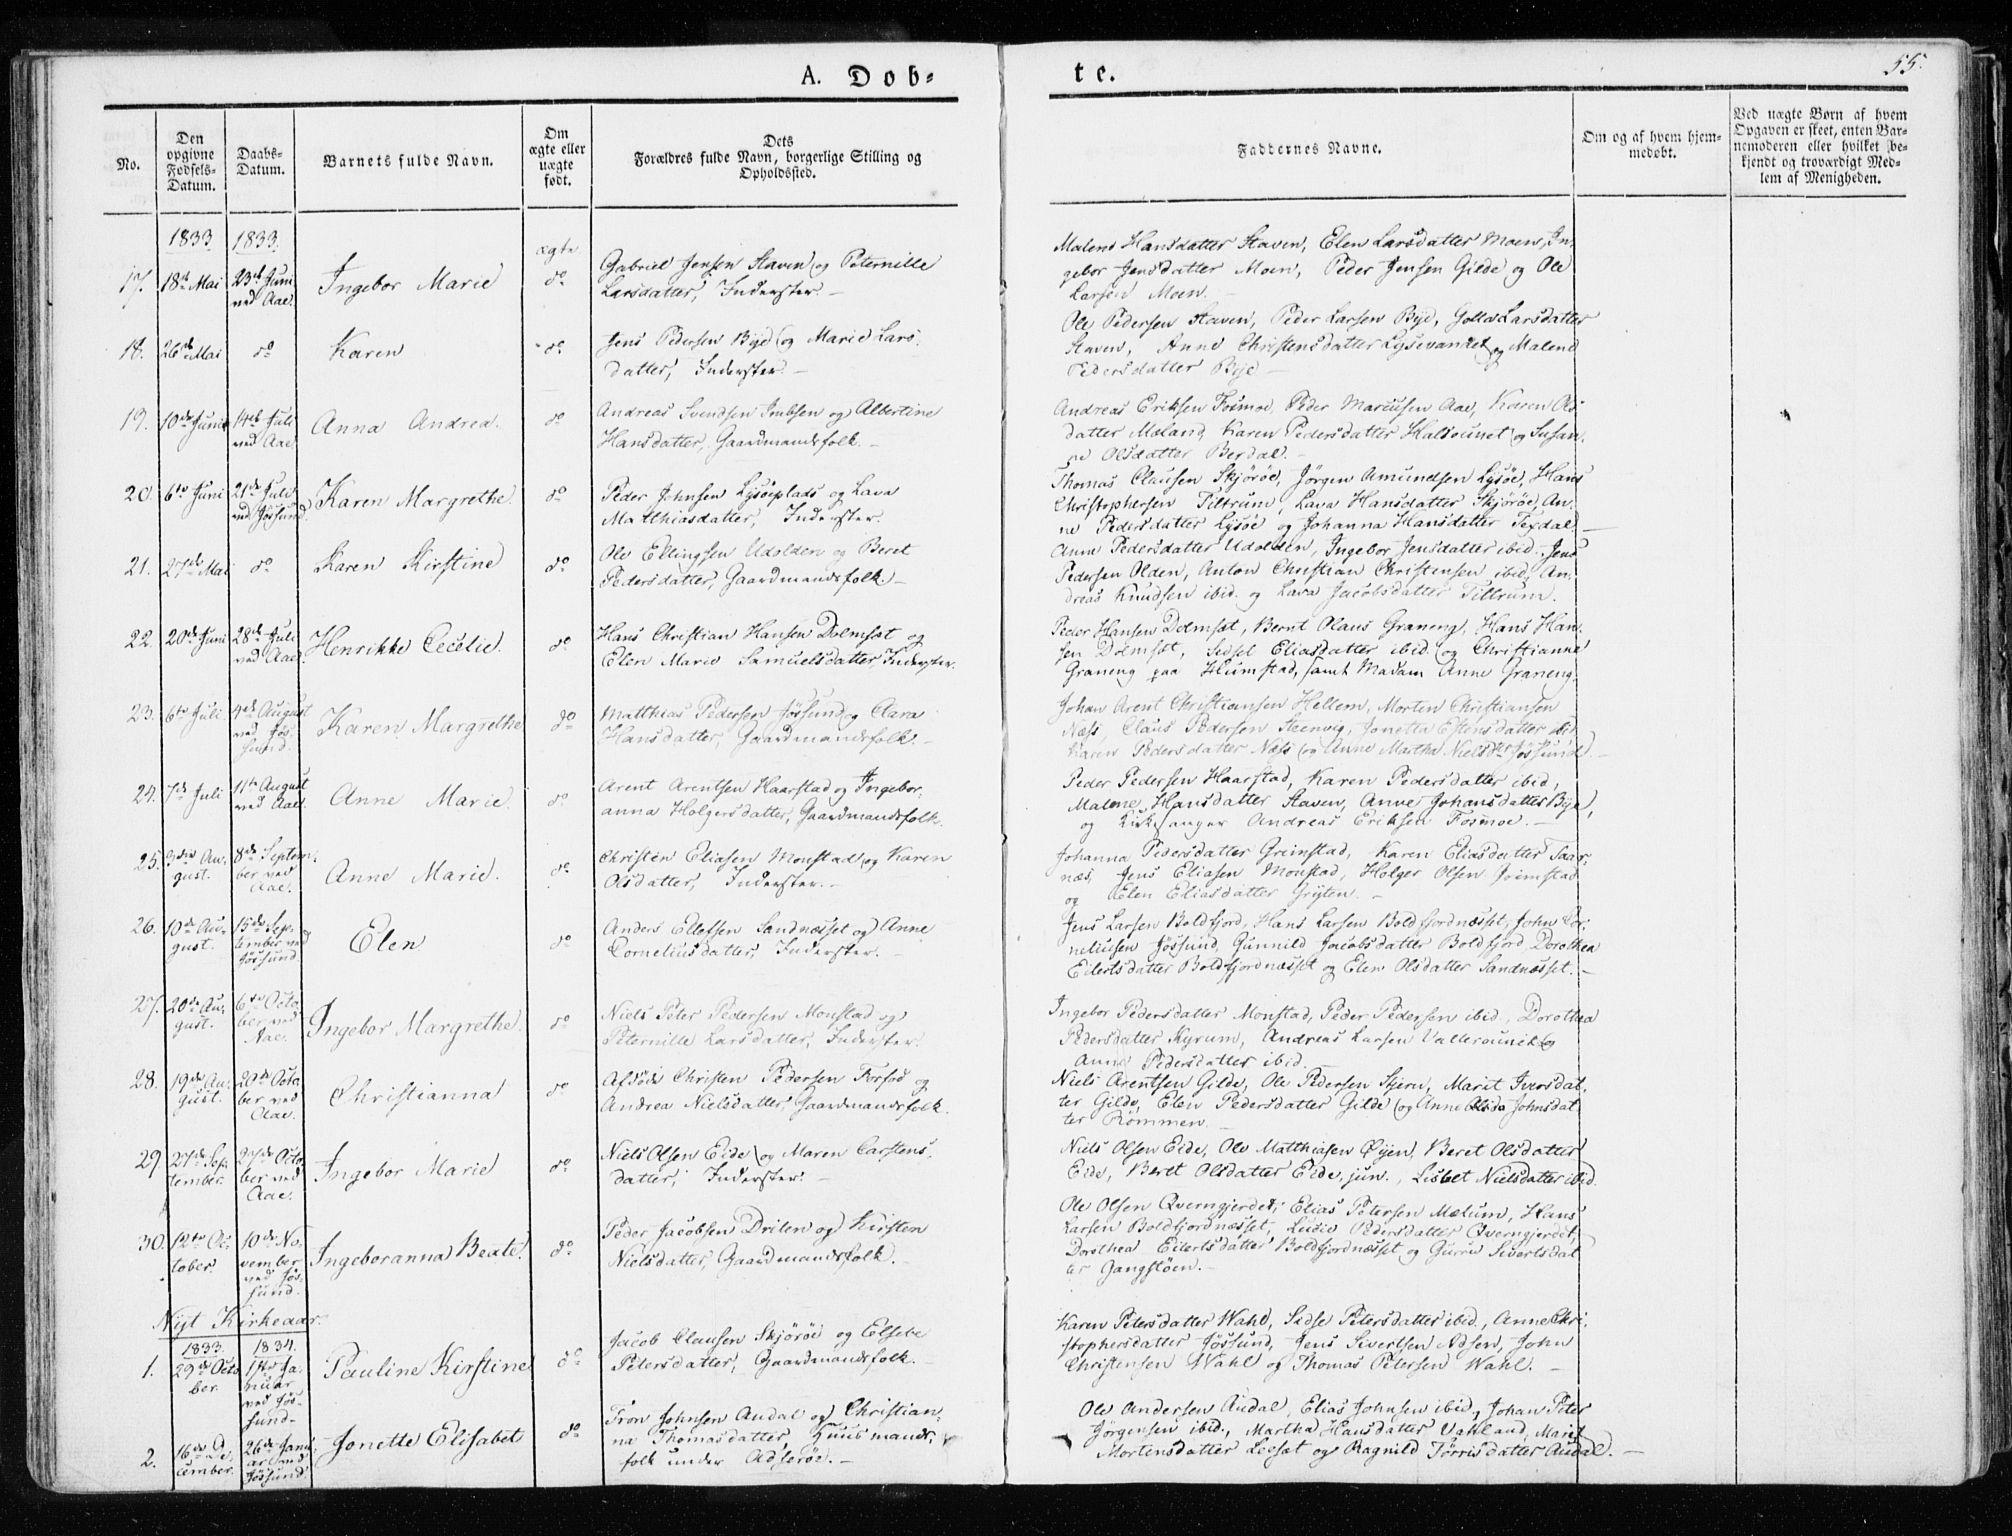 SAT, Ministerialprotokoller, klokkerbøker og fødselsregistre - Sør-Trøndelag, 655/L0676: Ministerialbok nr. 655A05, 1830-1847, s. 55